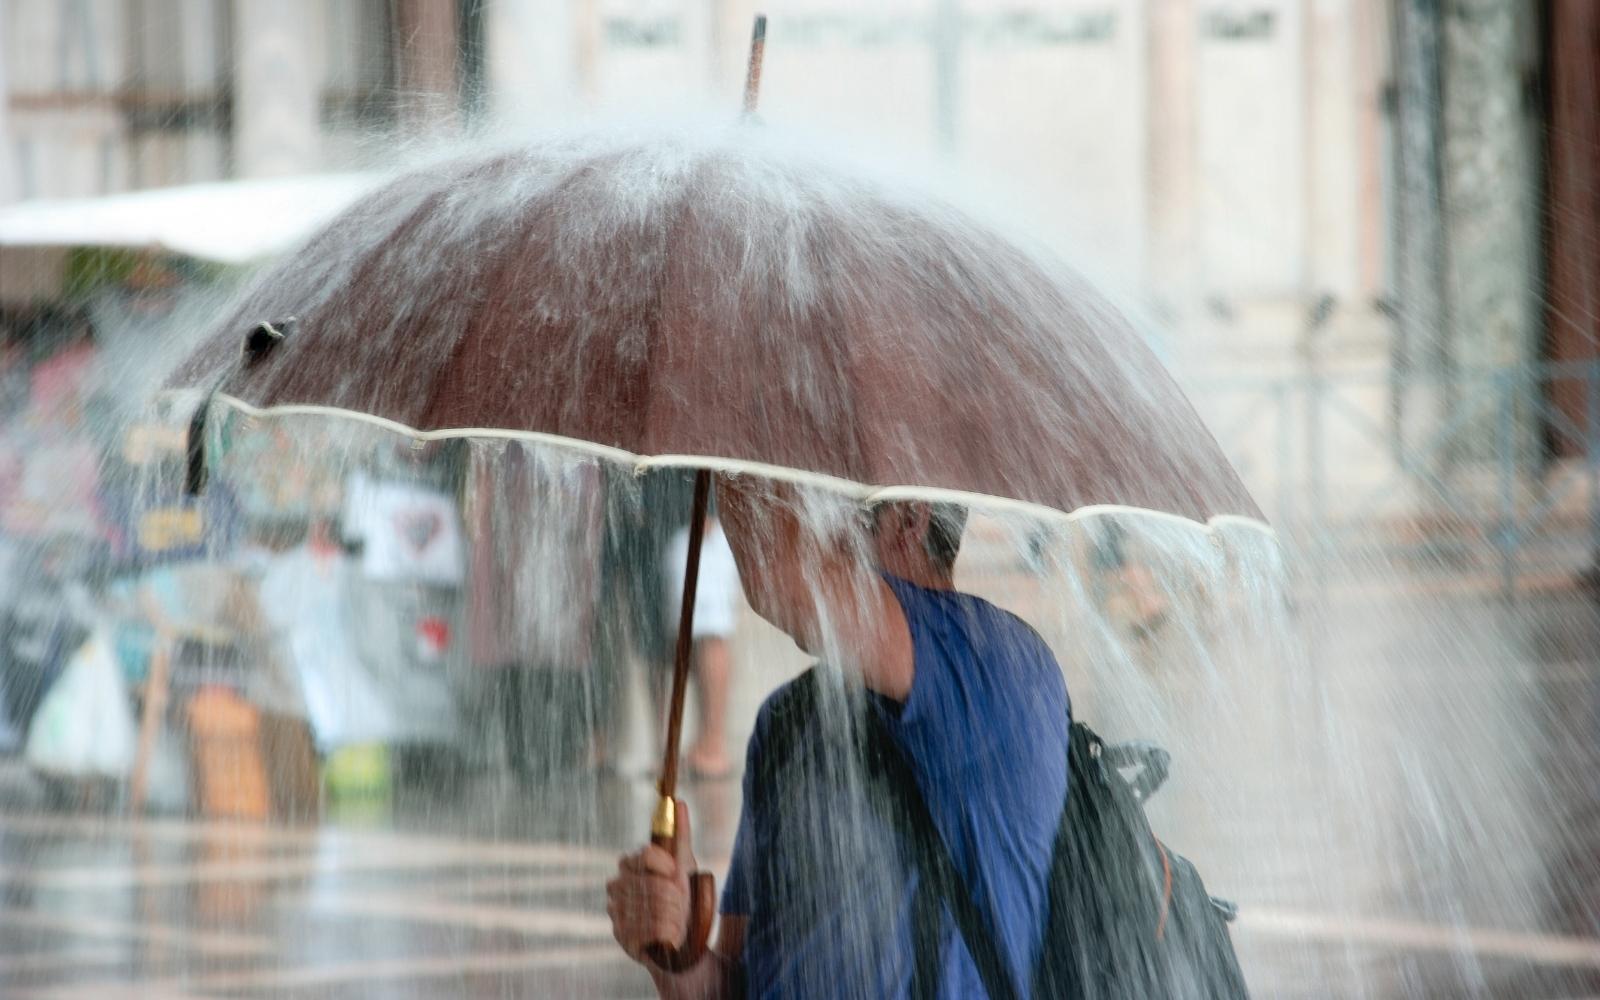 Inmet emite alerta de chuva intensa nesta segunda-feira para quase todo o estado mineiro